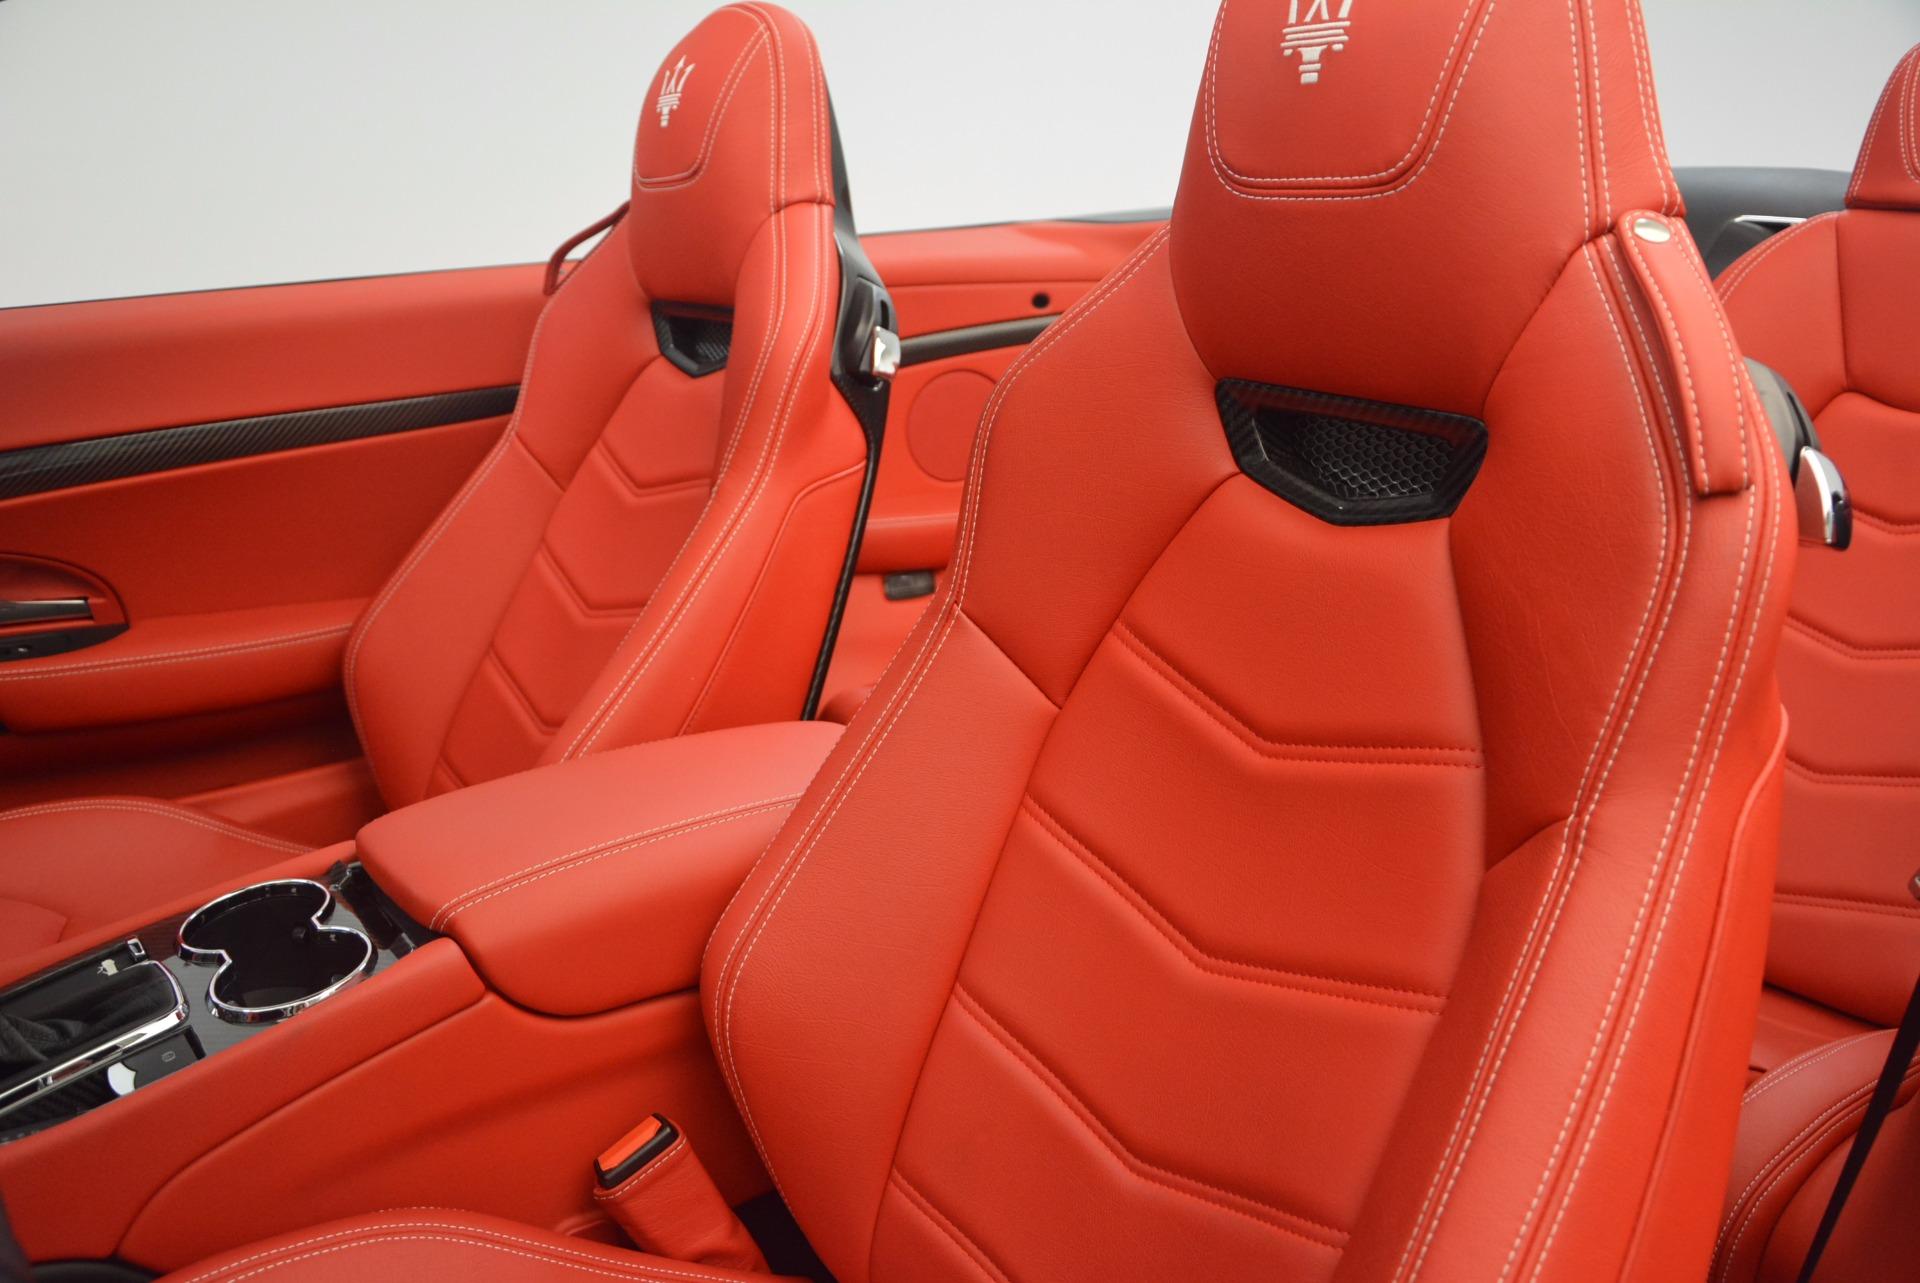 Used 2015 Maserati GranTurismo MC For Sale In Greenwich, CT 1135_p27